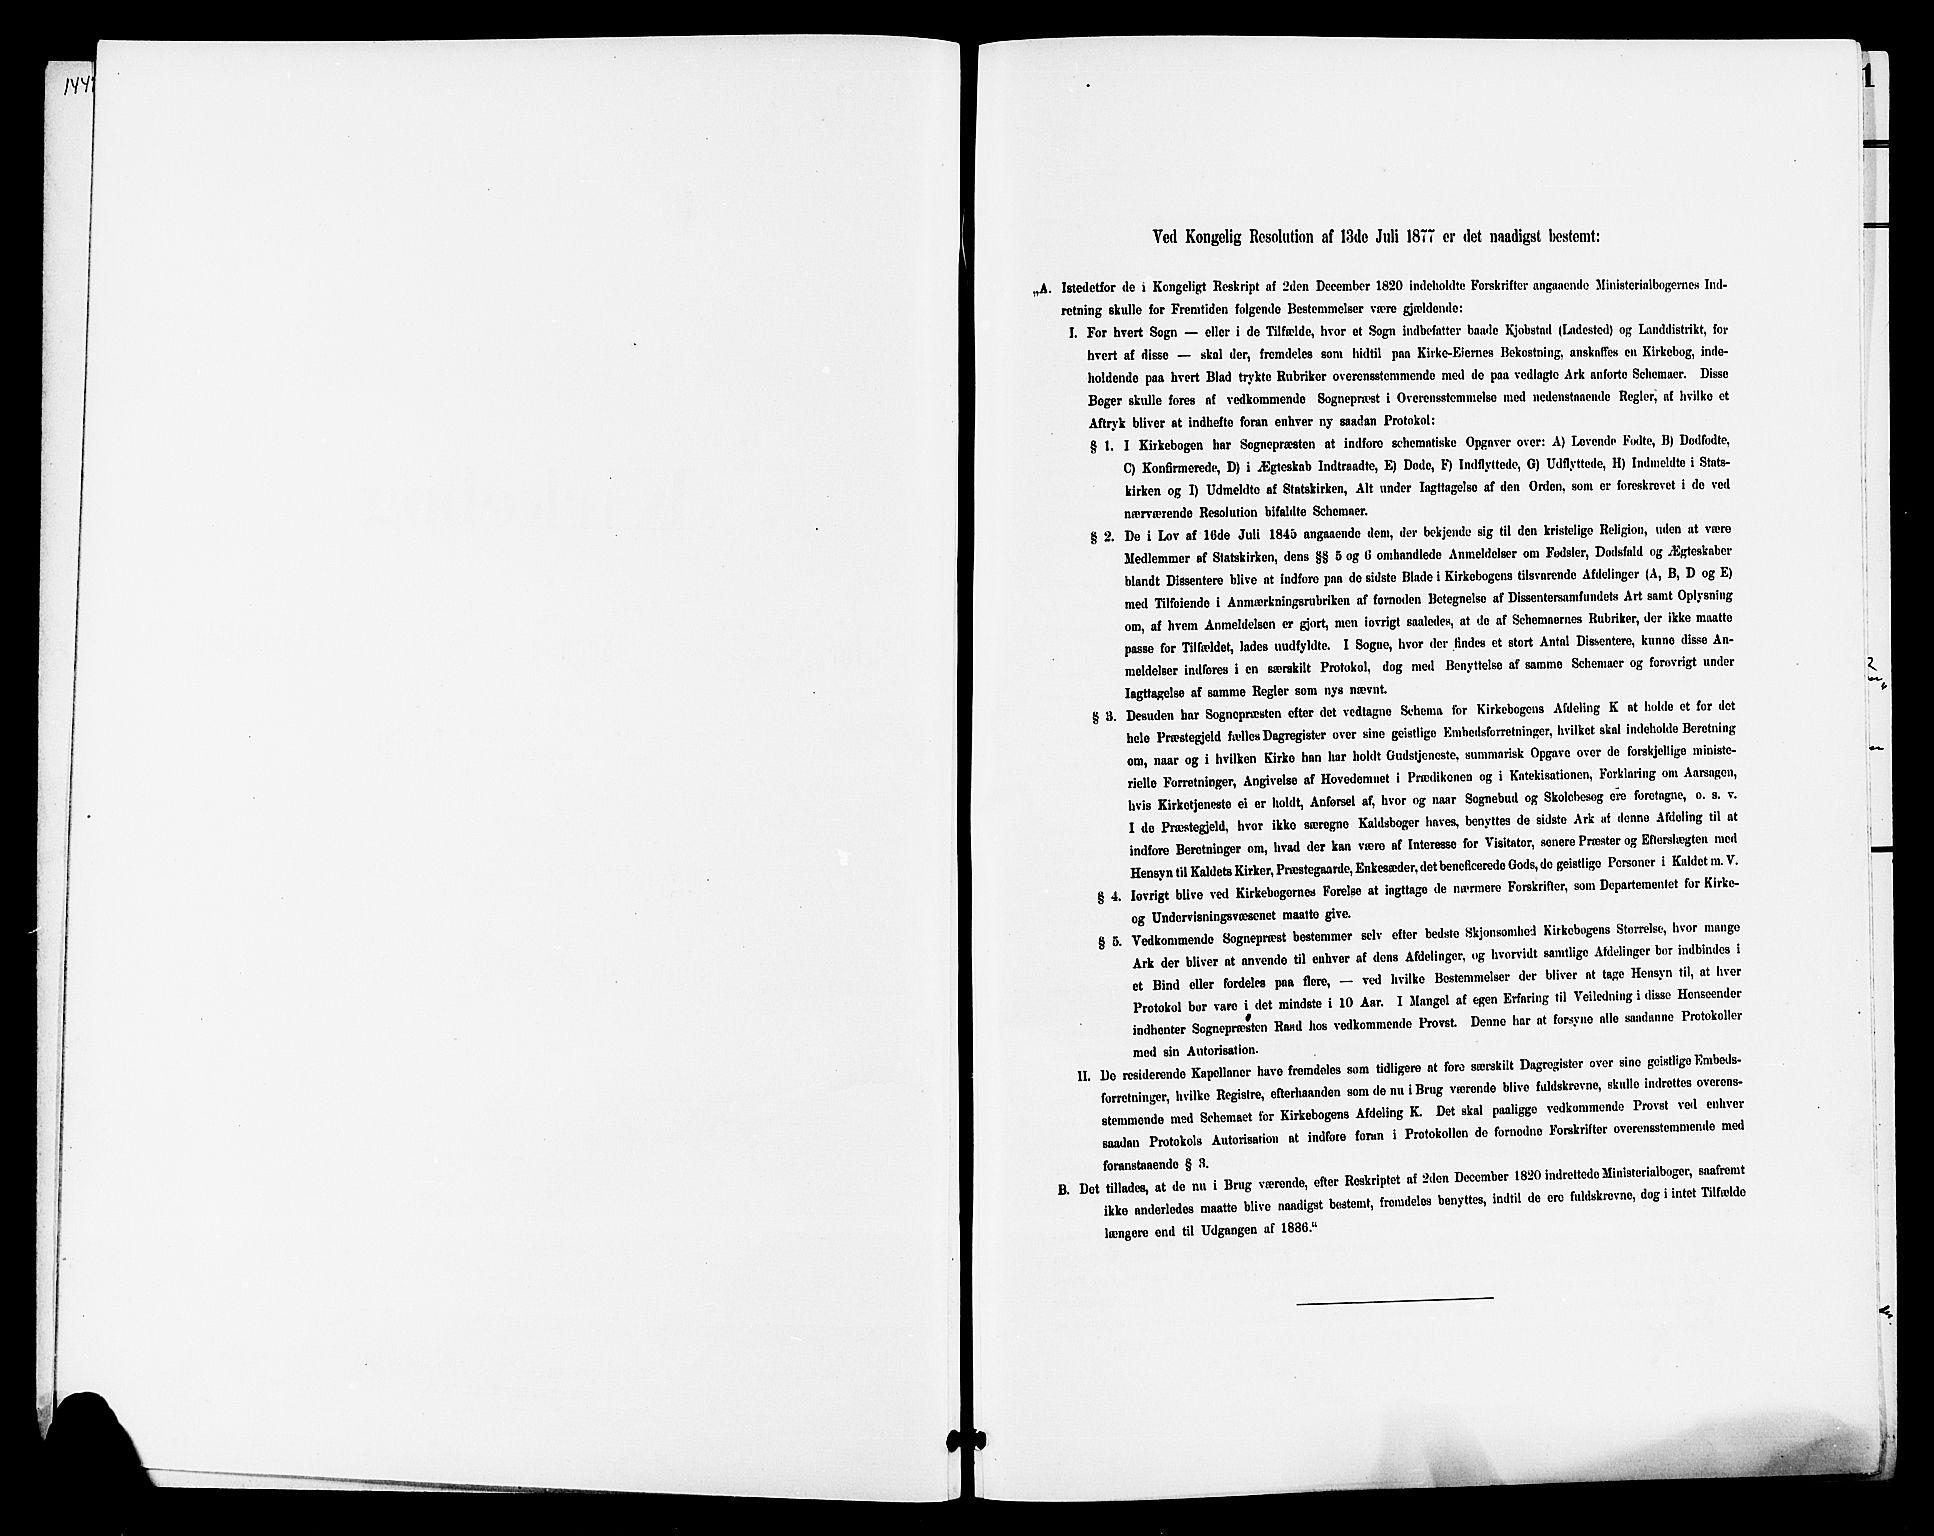 SAKO, Lunde kirkebøker, G/Ga/L0003: Klokkerbok nr. I 3, 1896-1905